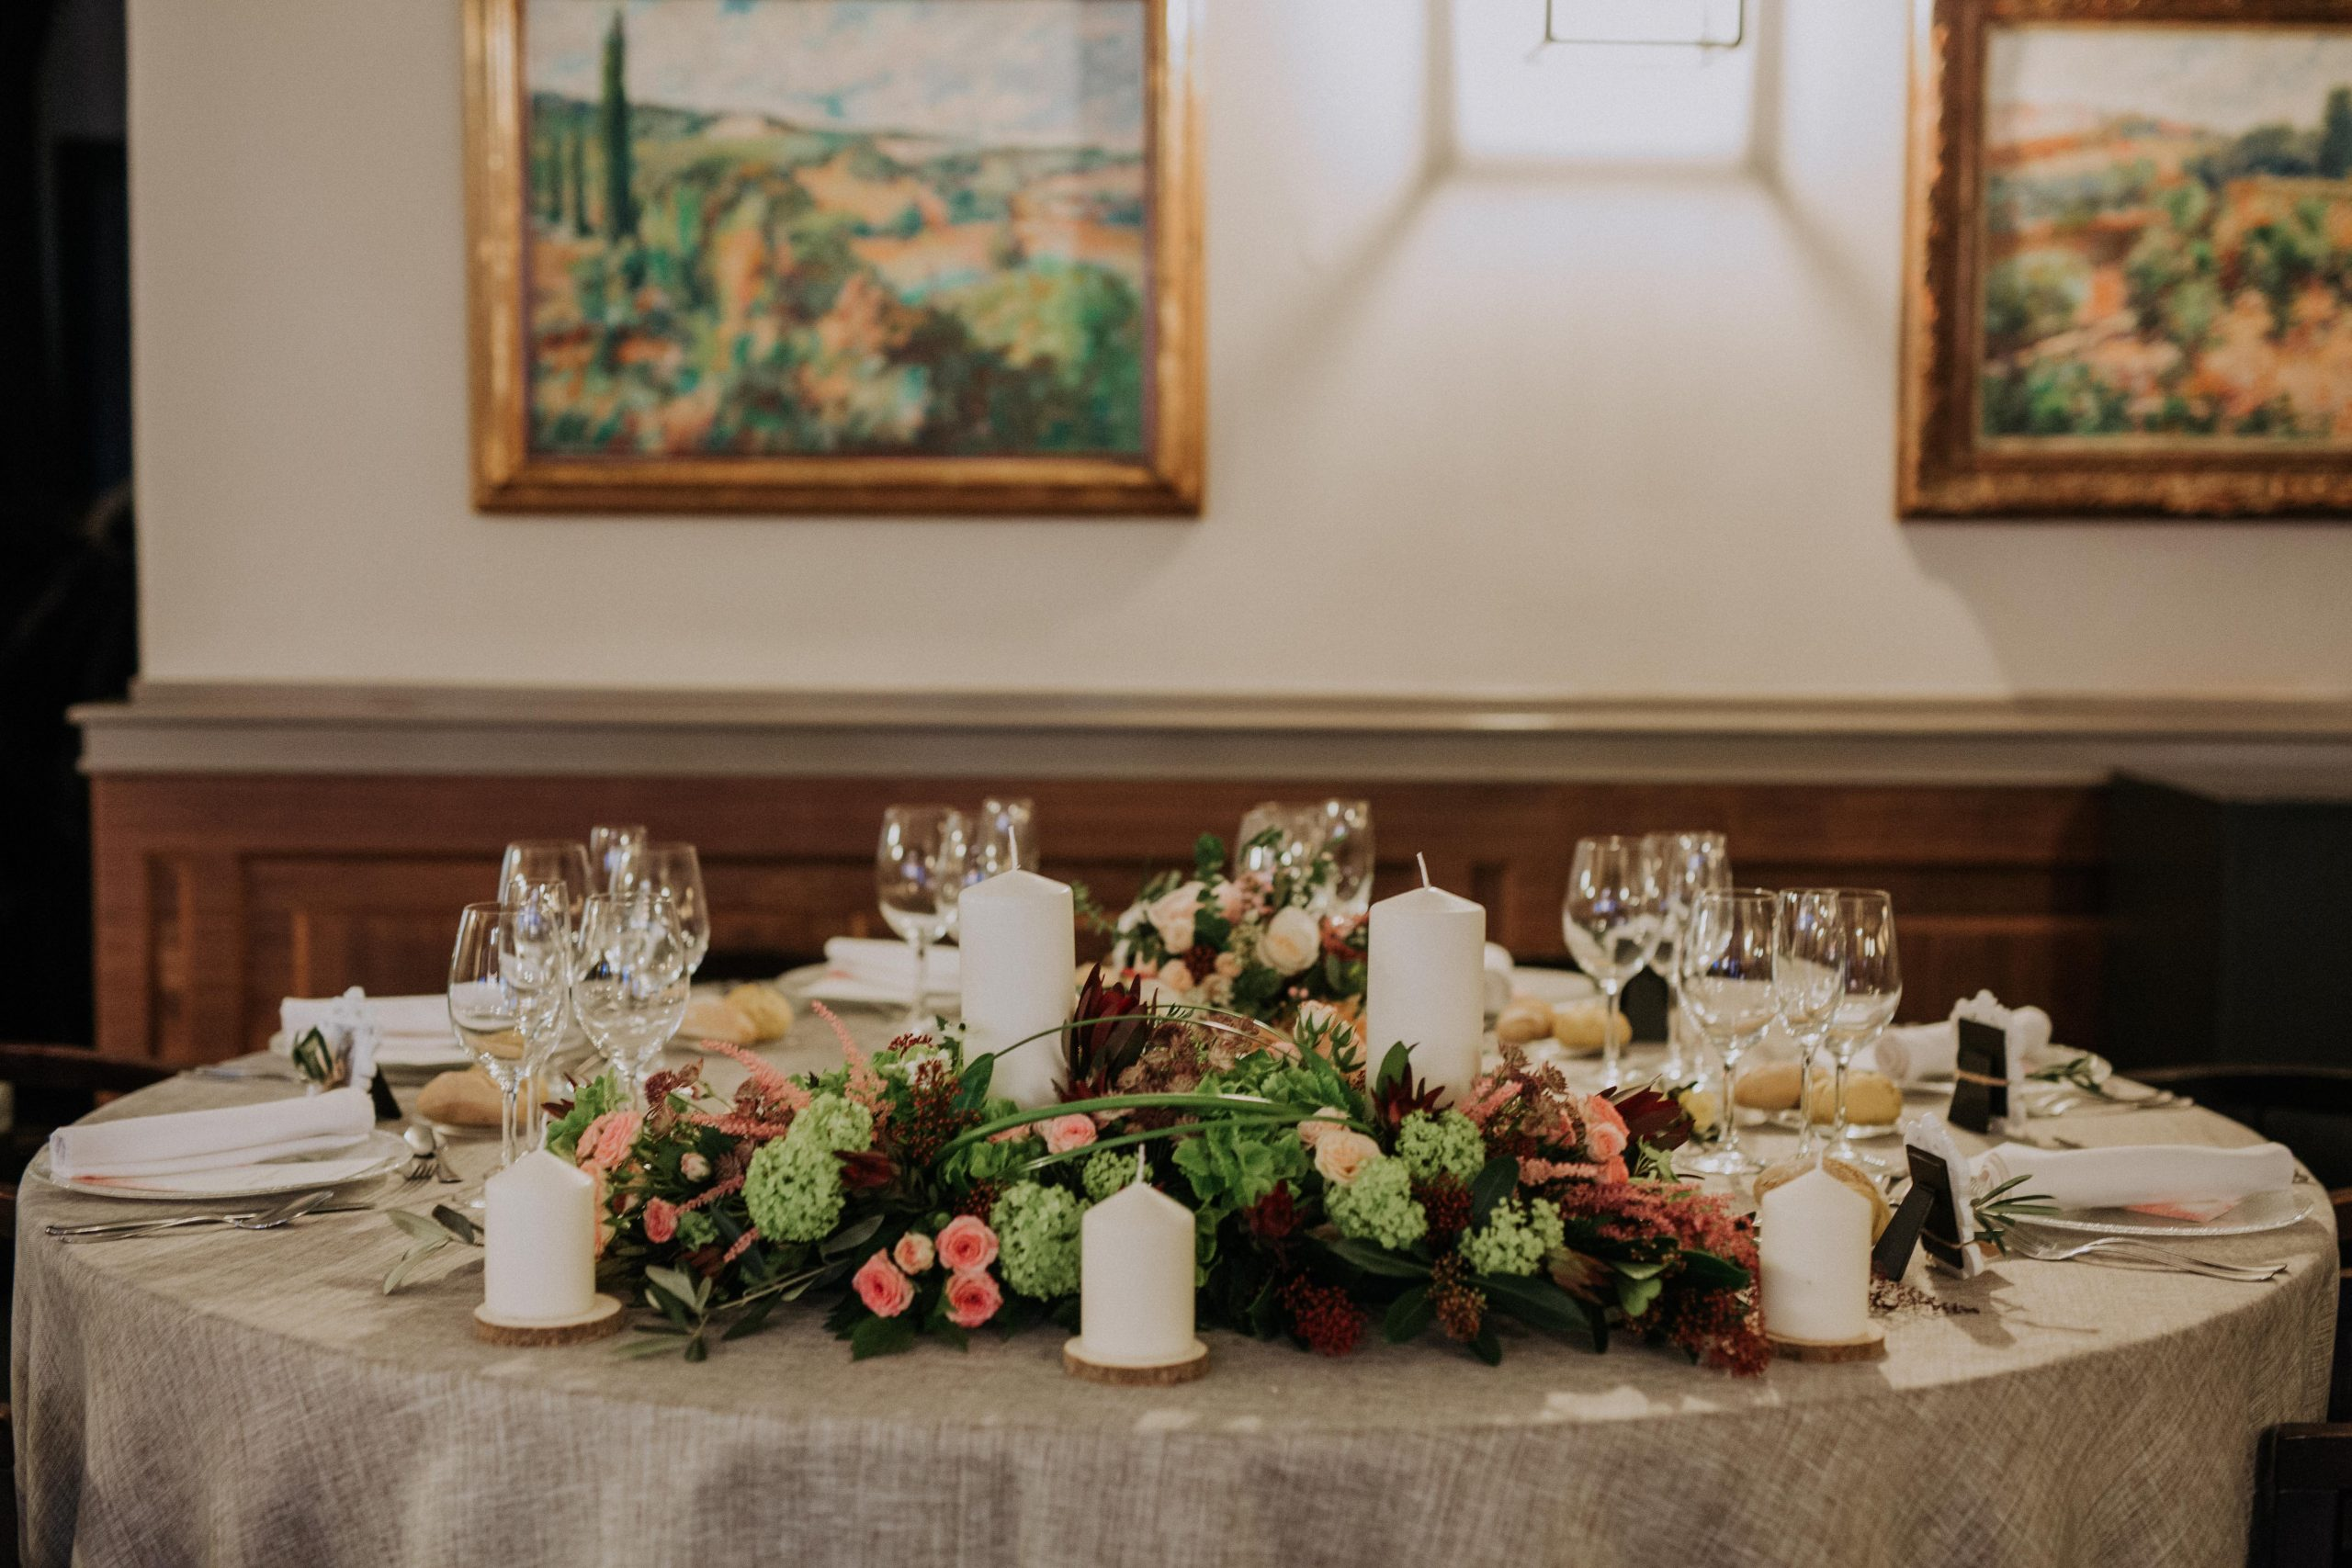 leymar-floristas-novias-asturias-aviles-ramos-bodas-decoracion-iglesia-mesas-novia (81)